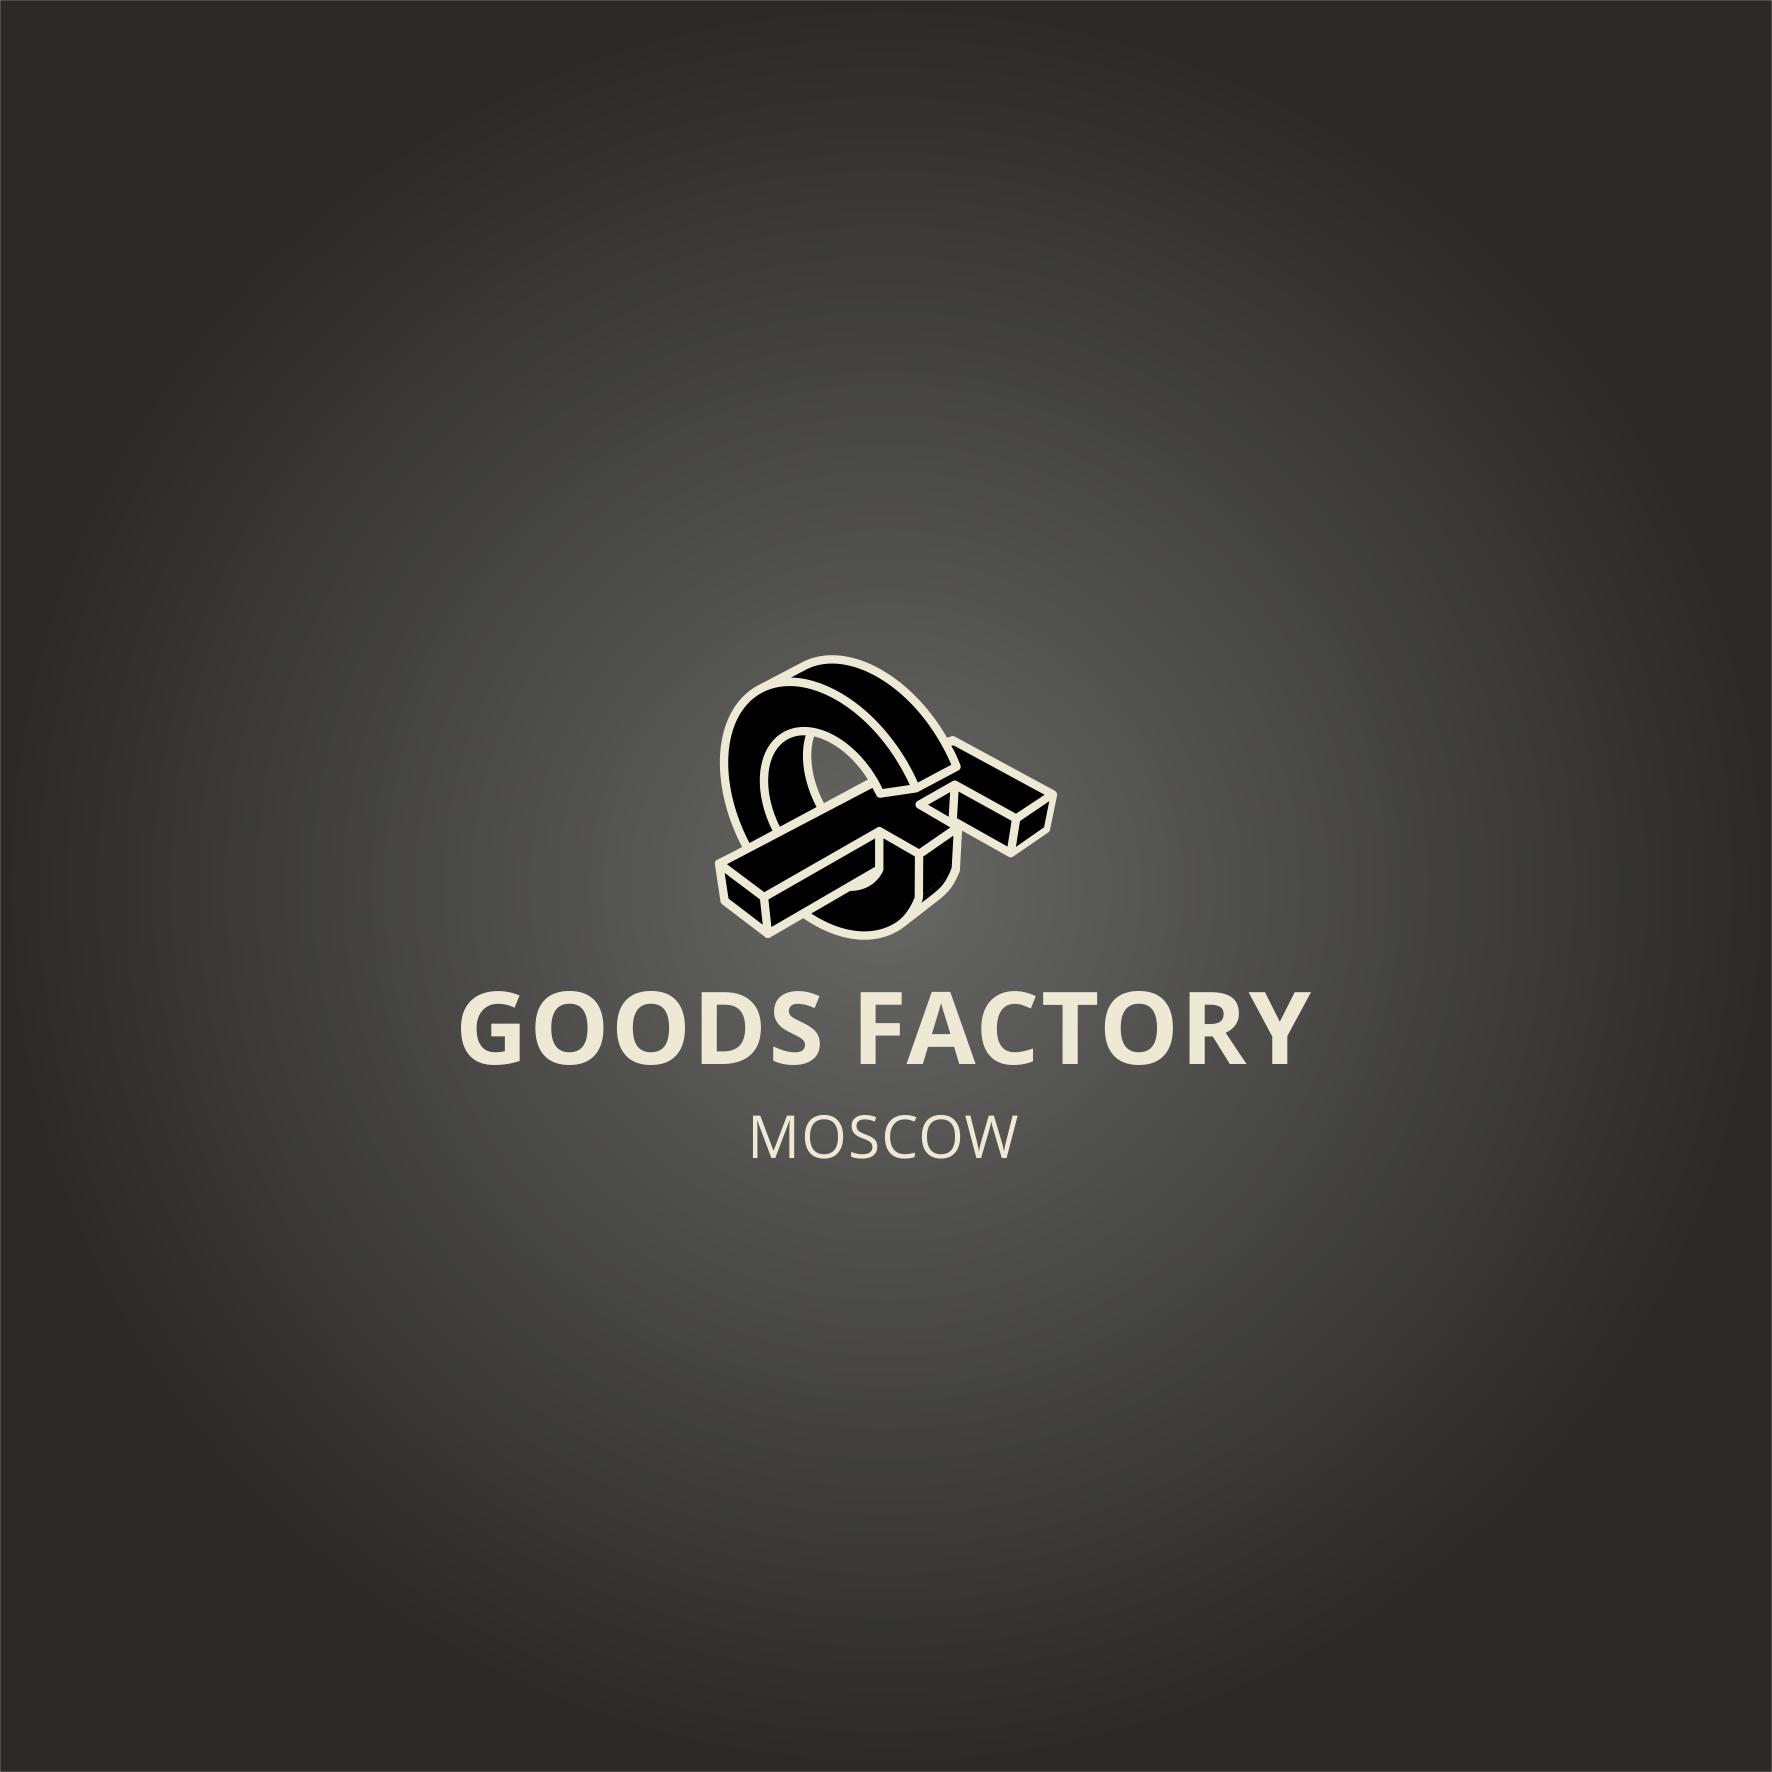 Разработка логотипа компании фото f_226596783a0eeff4.jpg